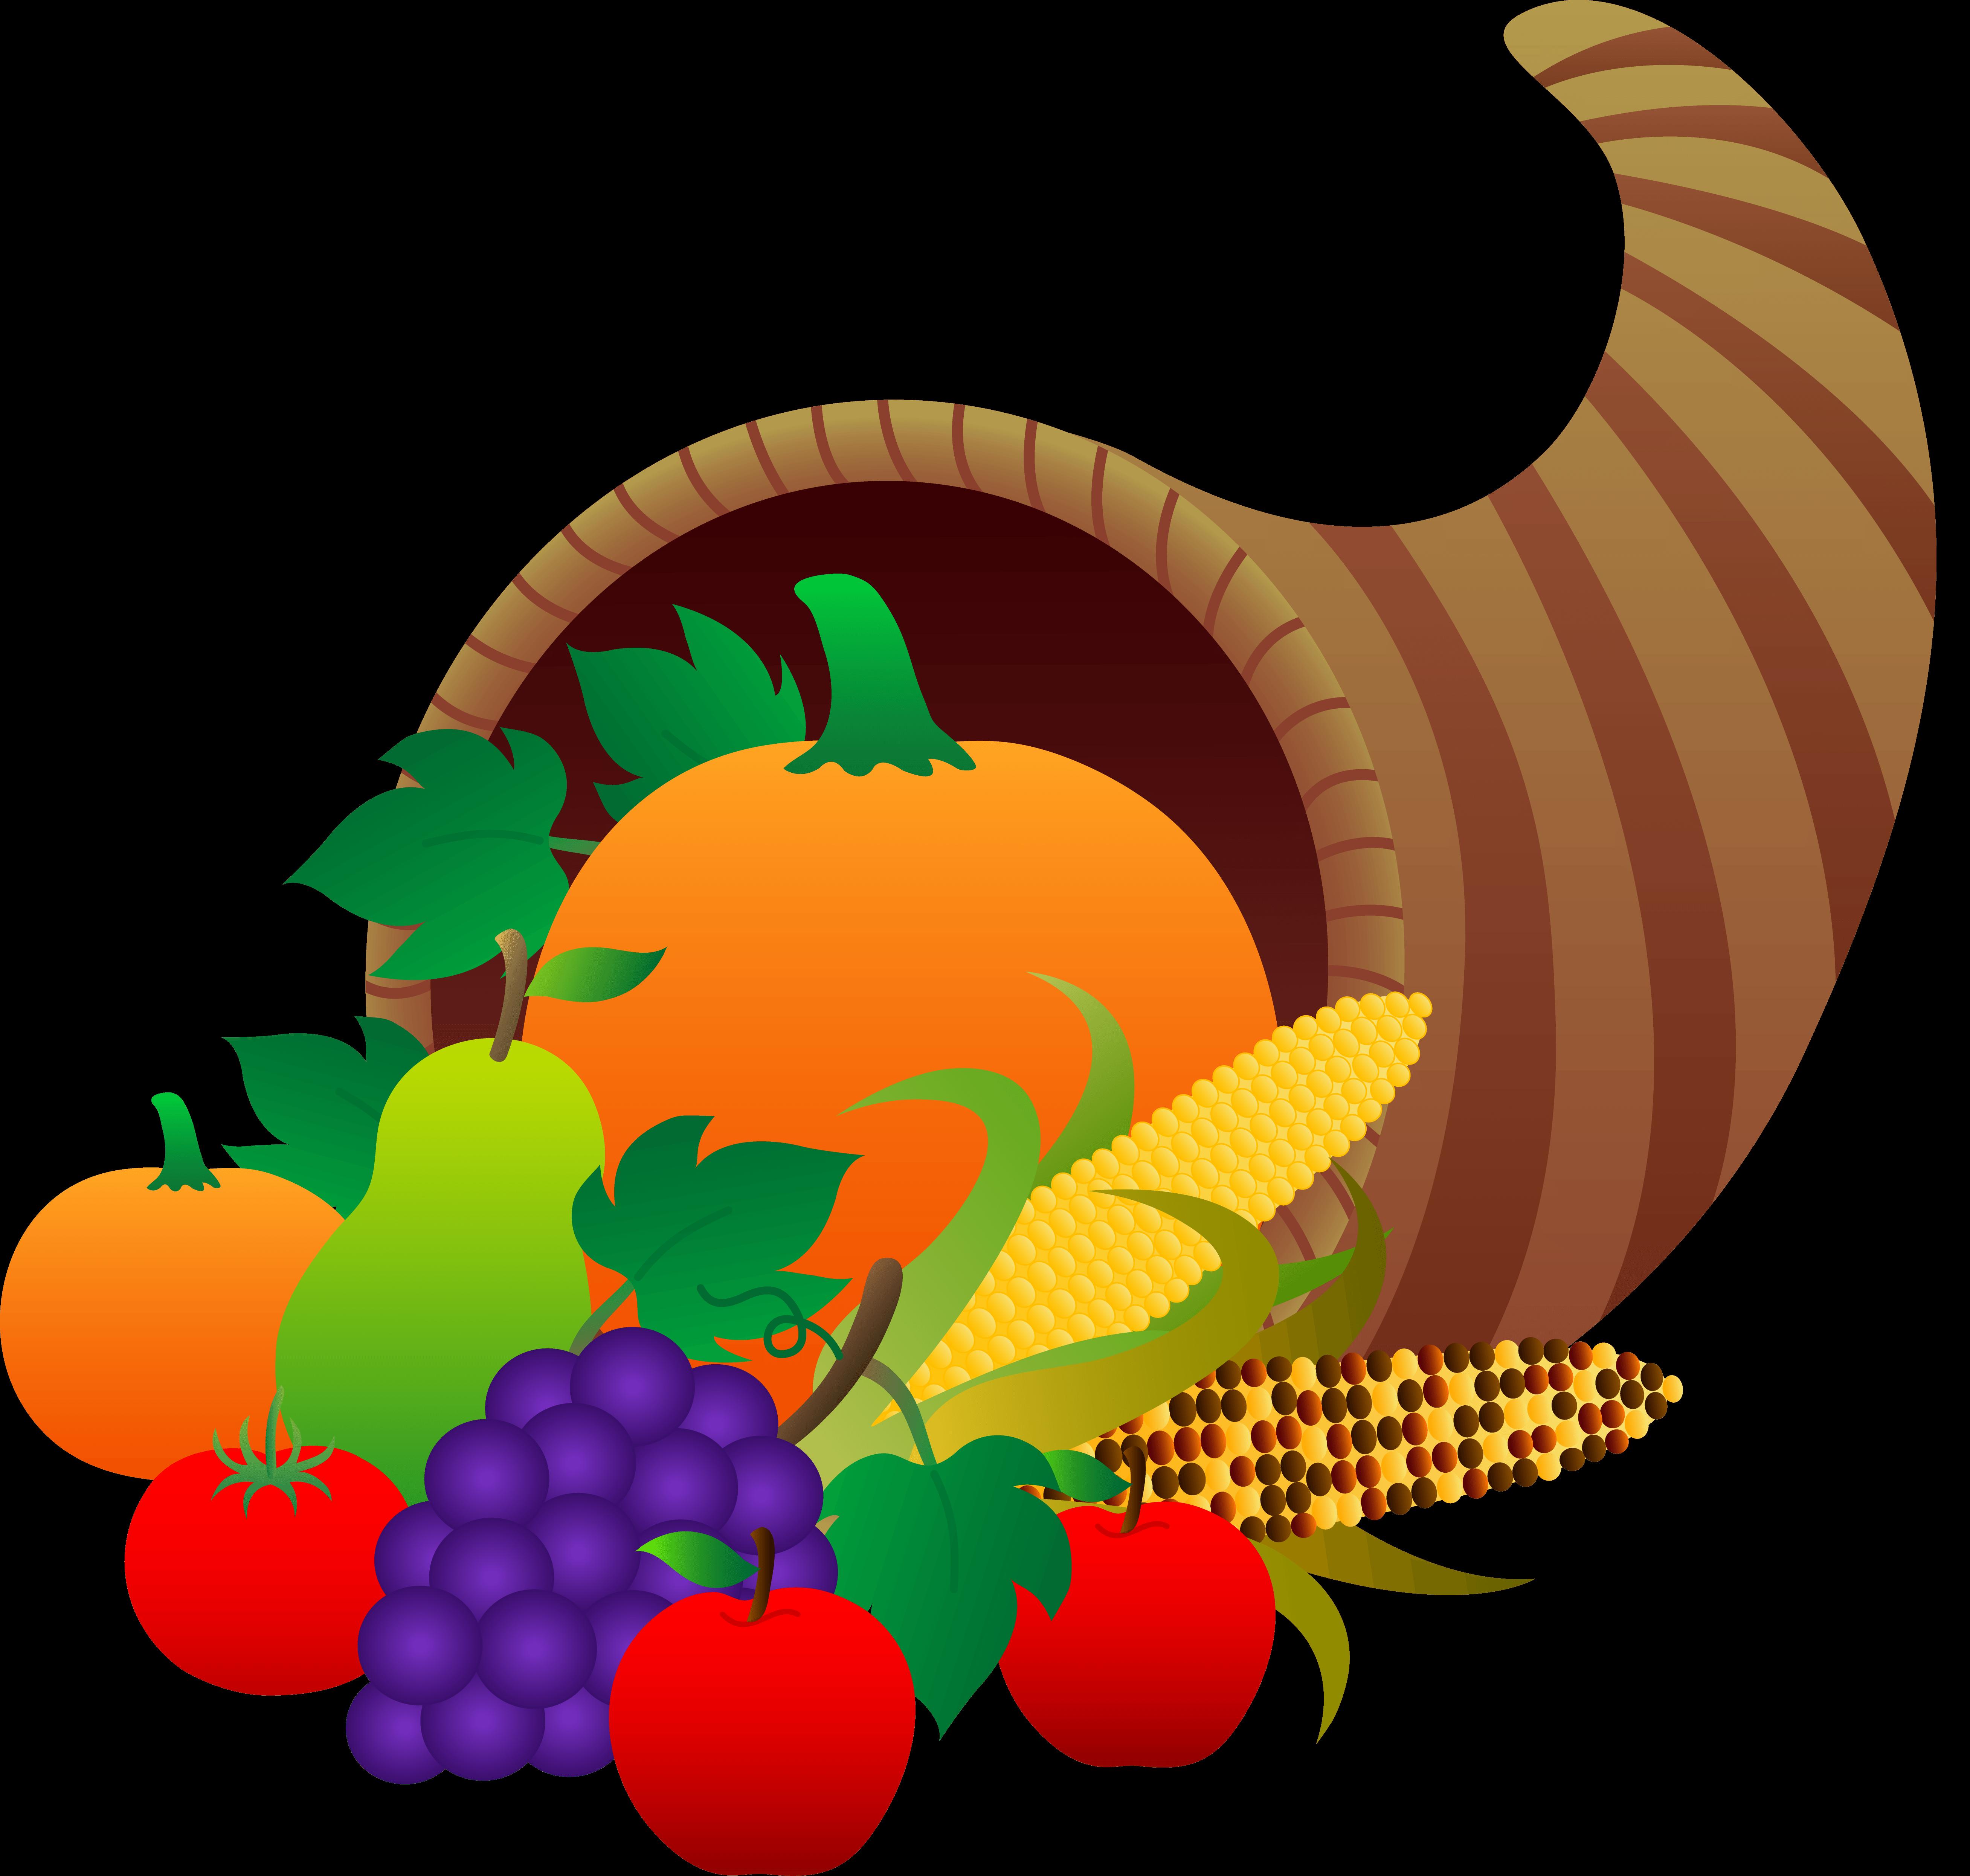 Harvest food baskets clipart.